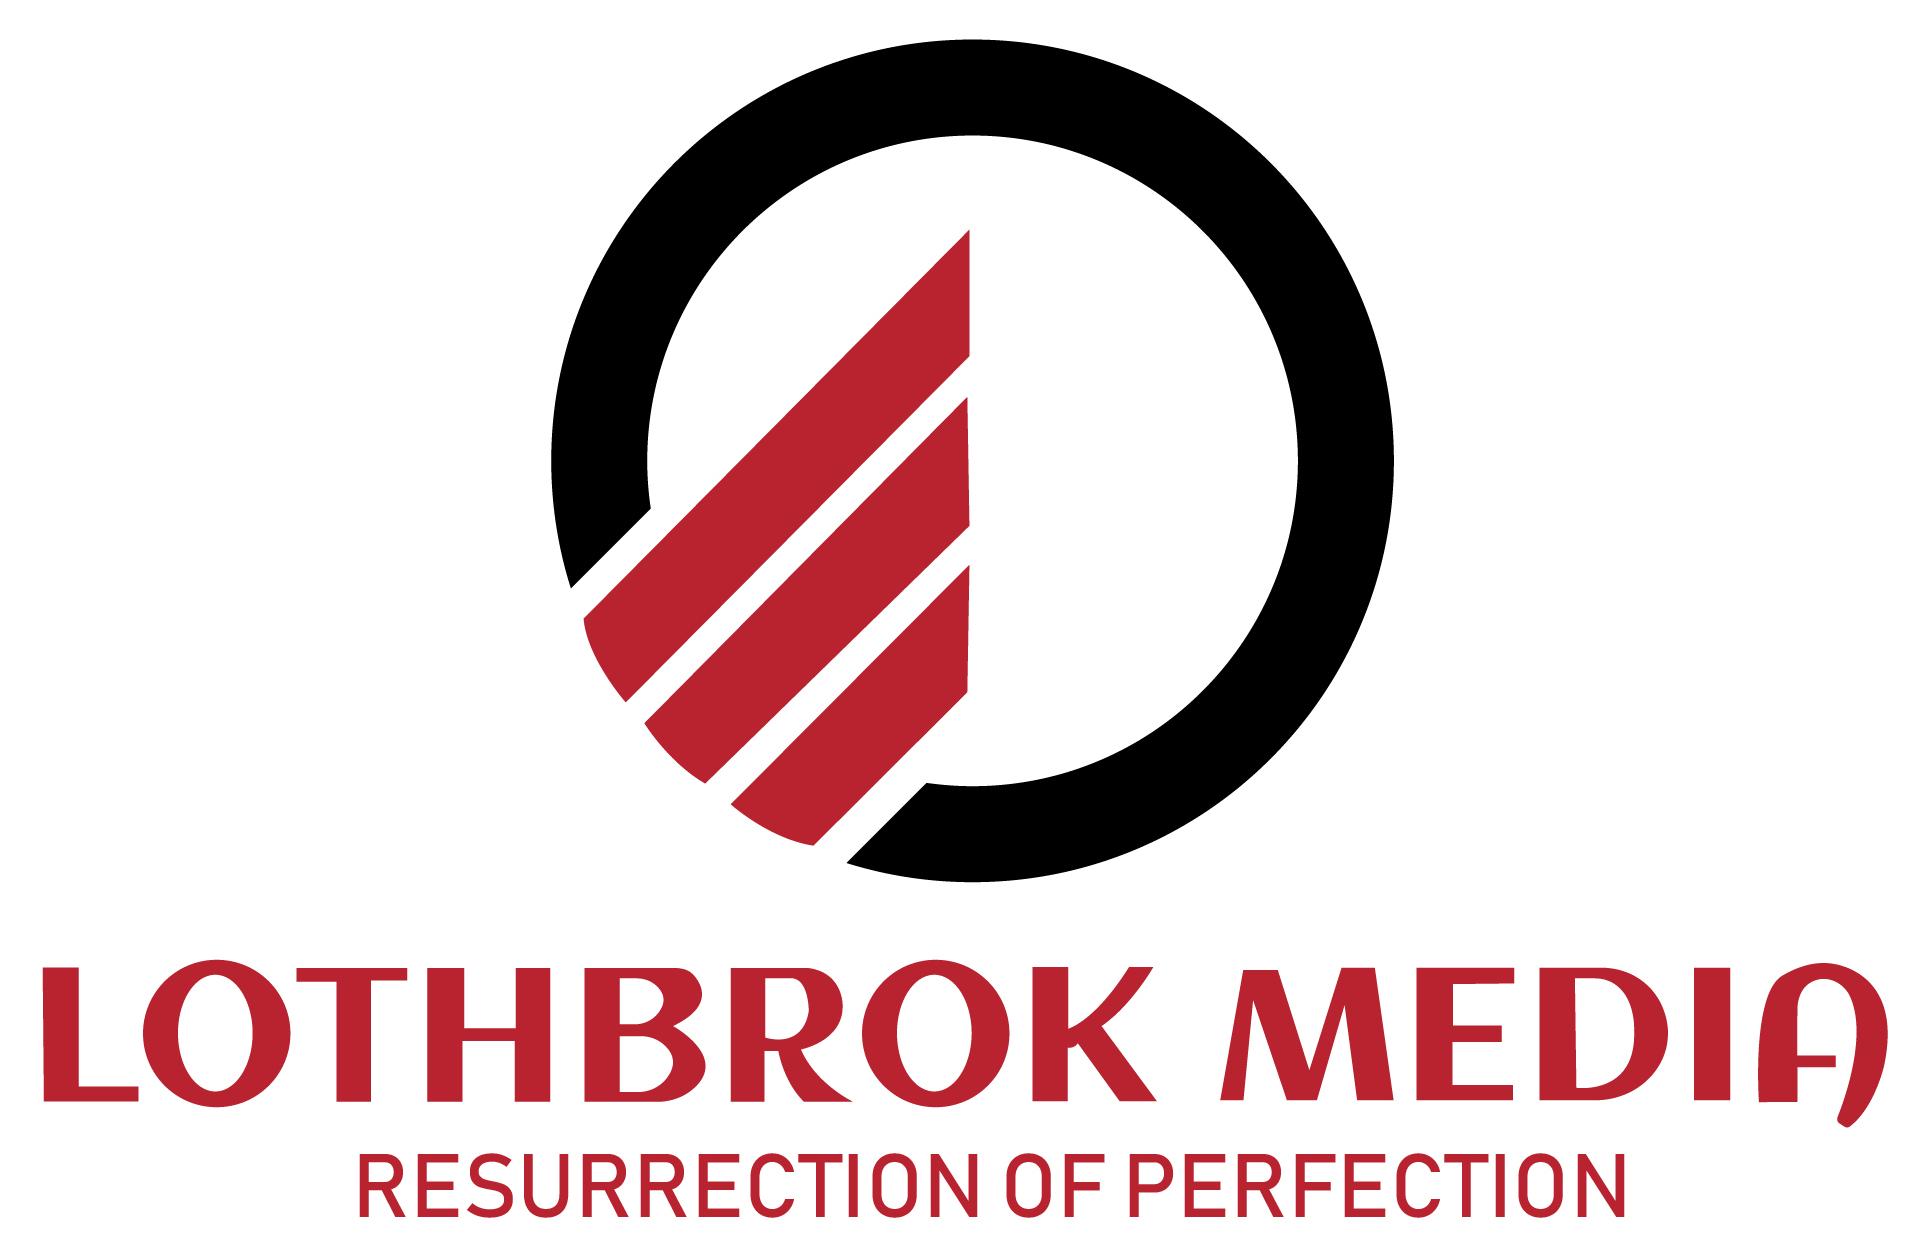 lothbrok Media